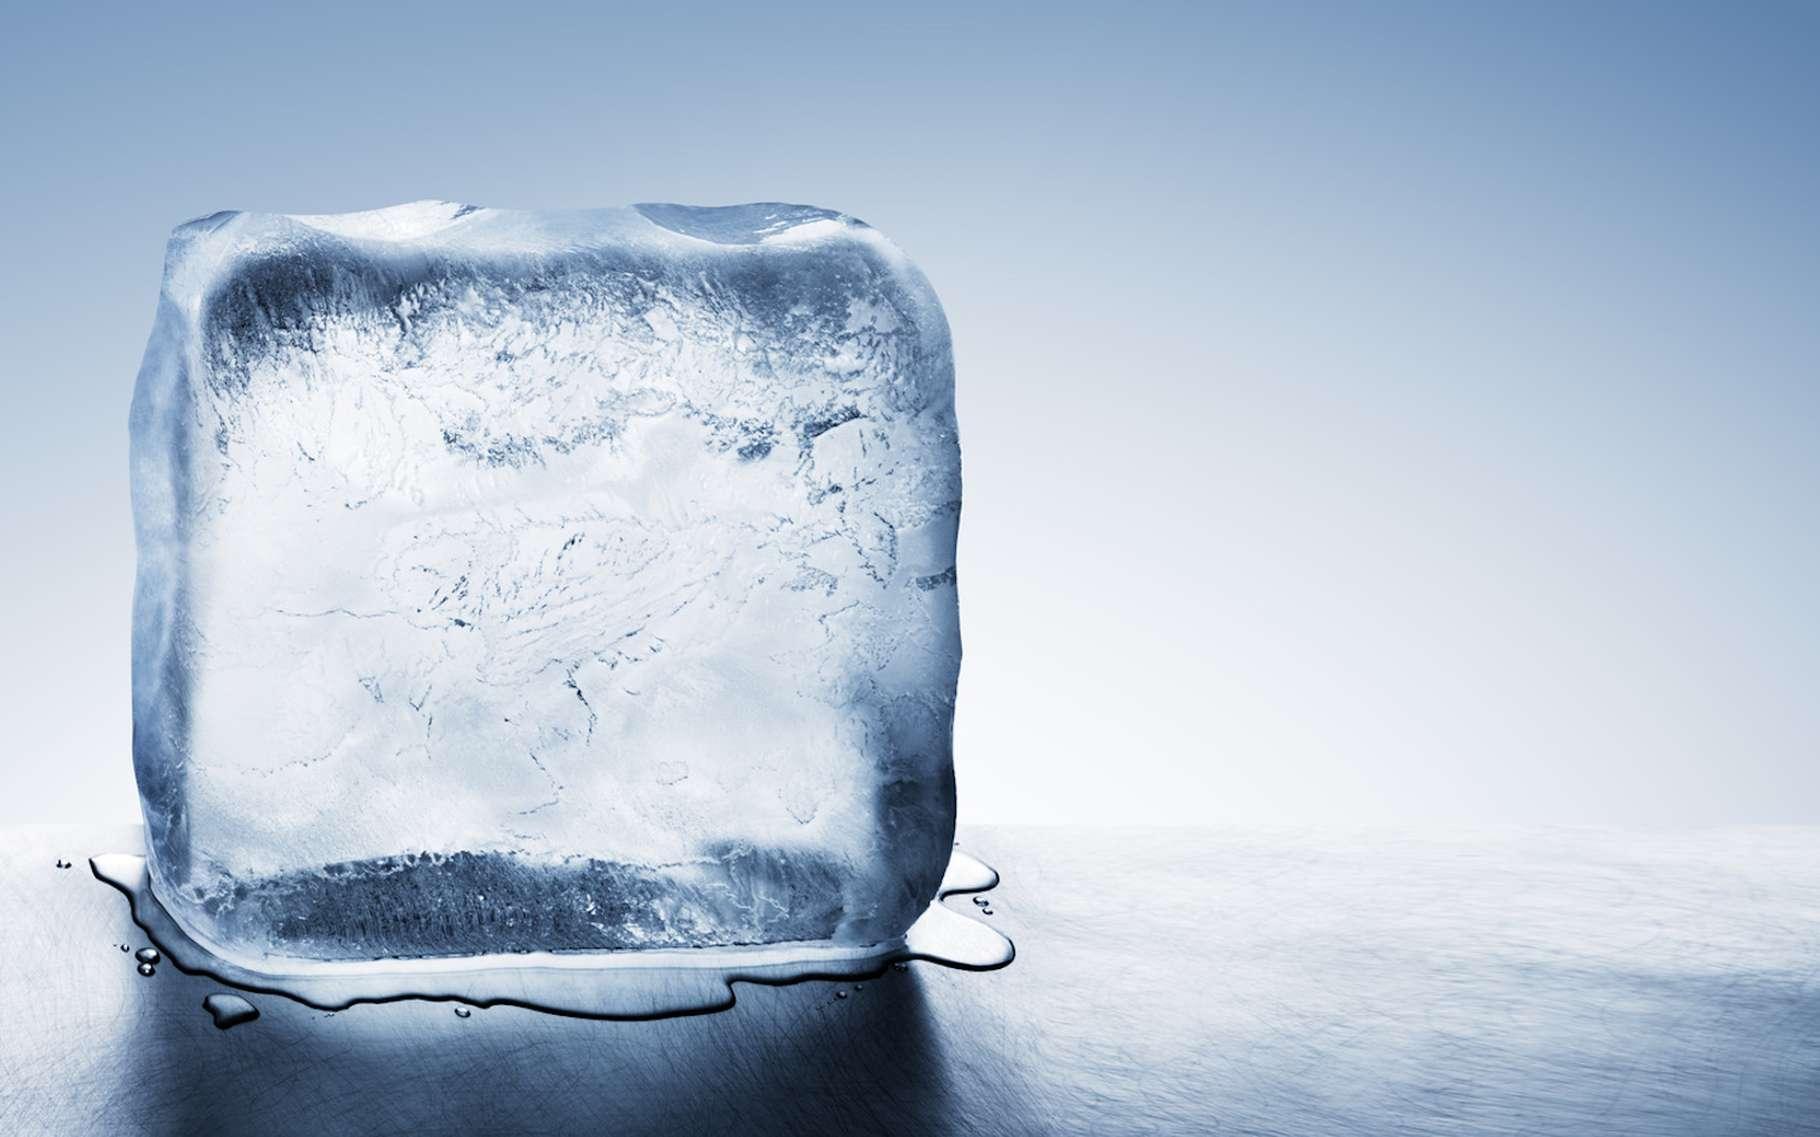 L'effet Mpemba voudrait que l'eau chaude puisse geler plus rapidement que l'eau froide. Étonnant… © Mstock, Fotolia